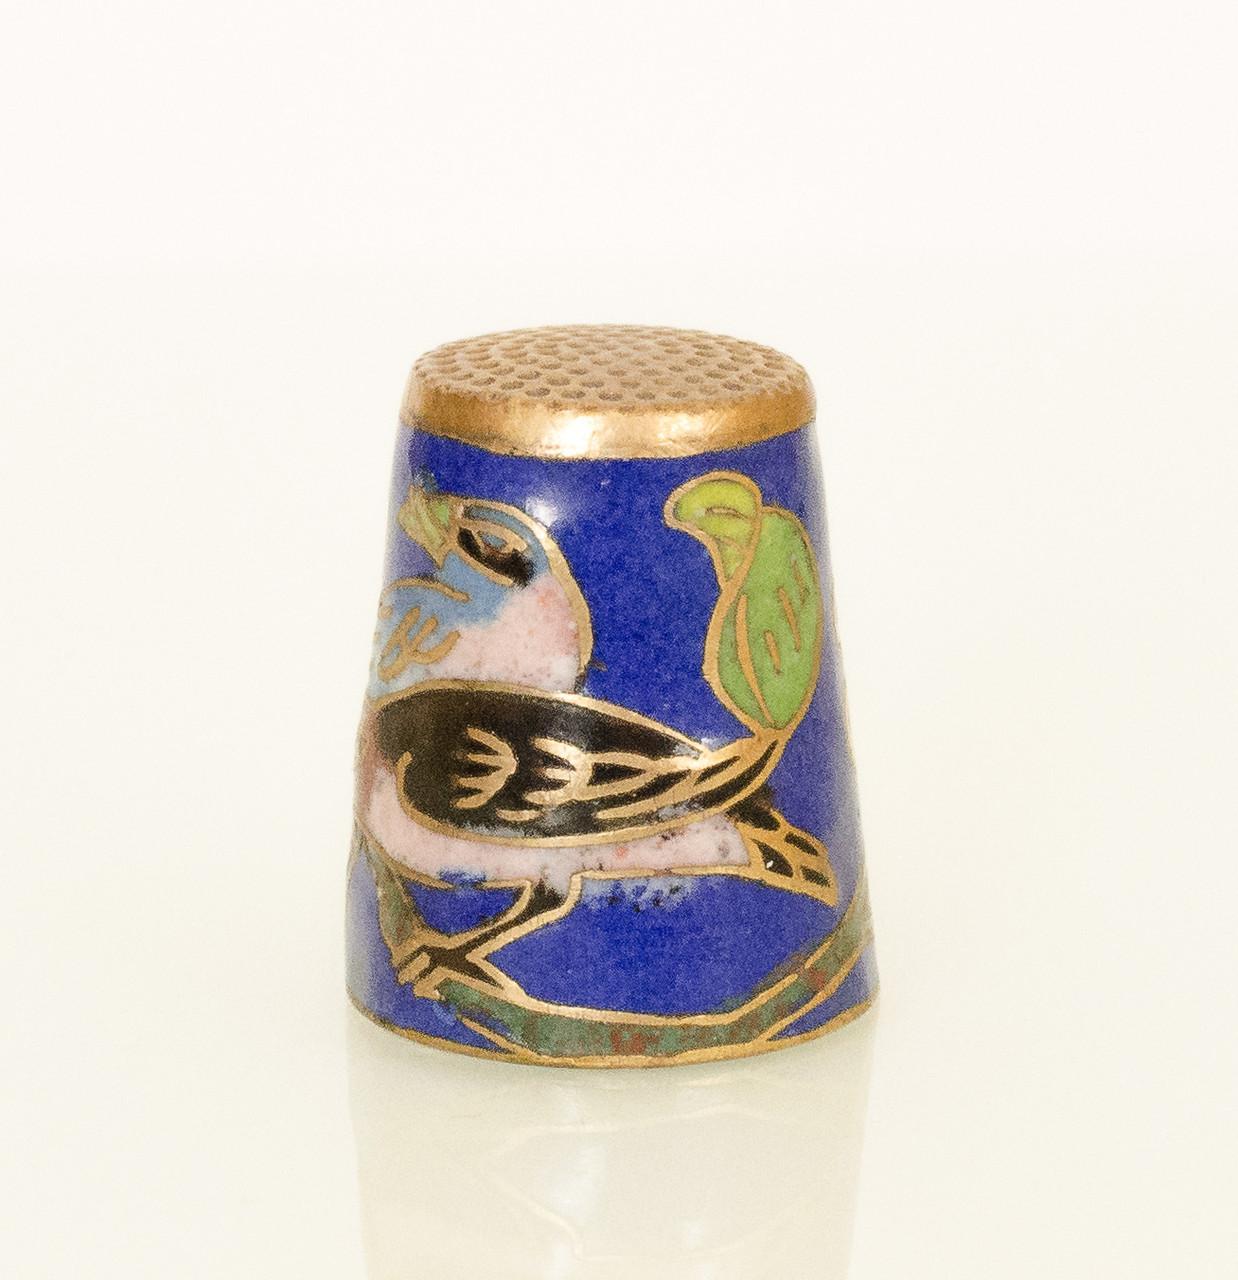 Старый бронзовый наперсток Клуазоне, латунь, бронза, перегородчатая эмаль, винтаж, птицы